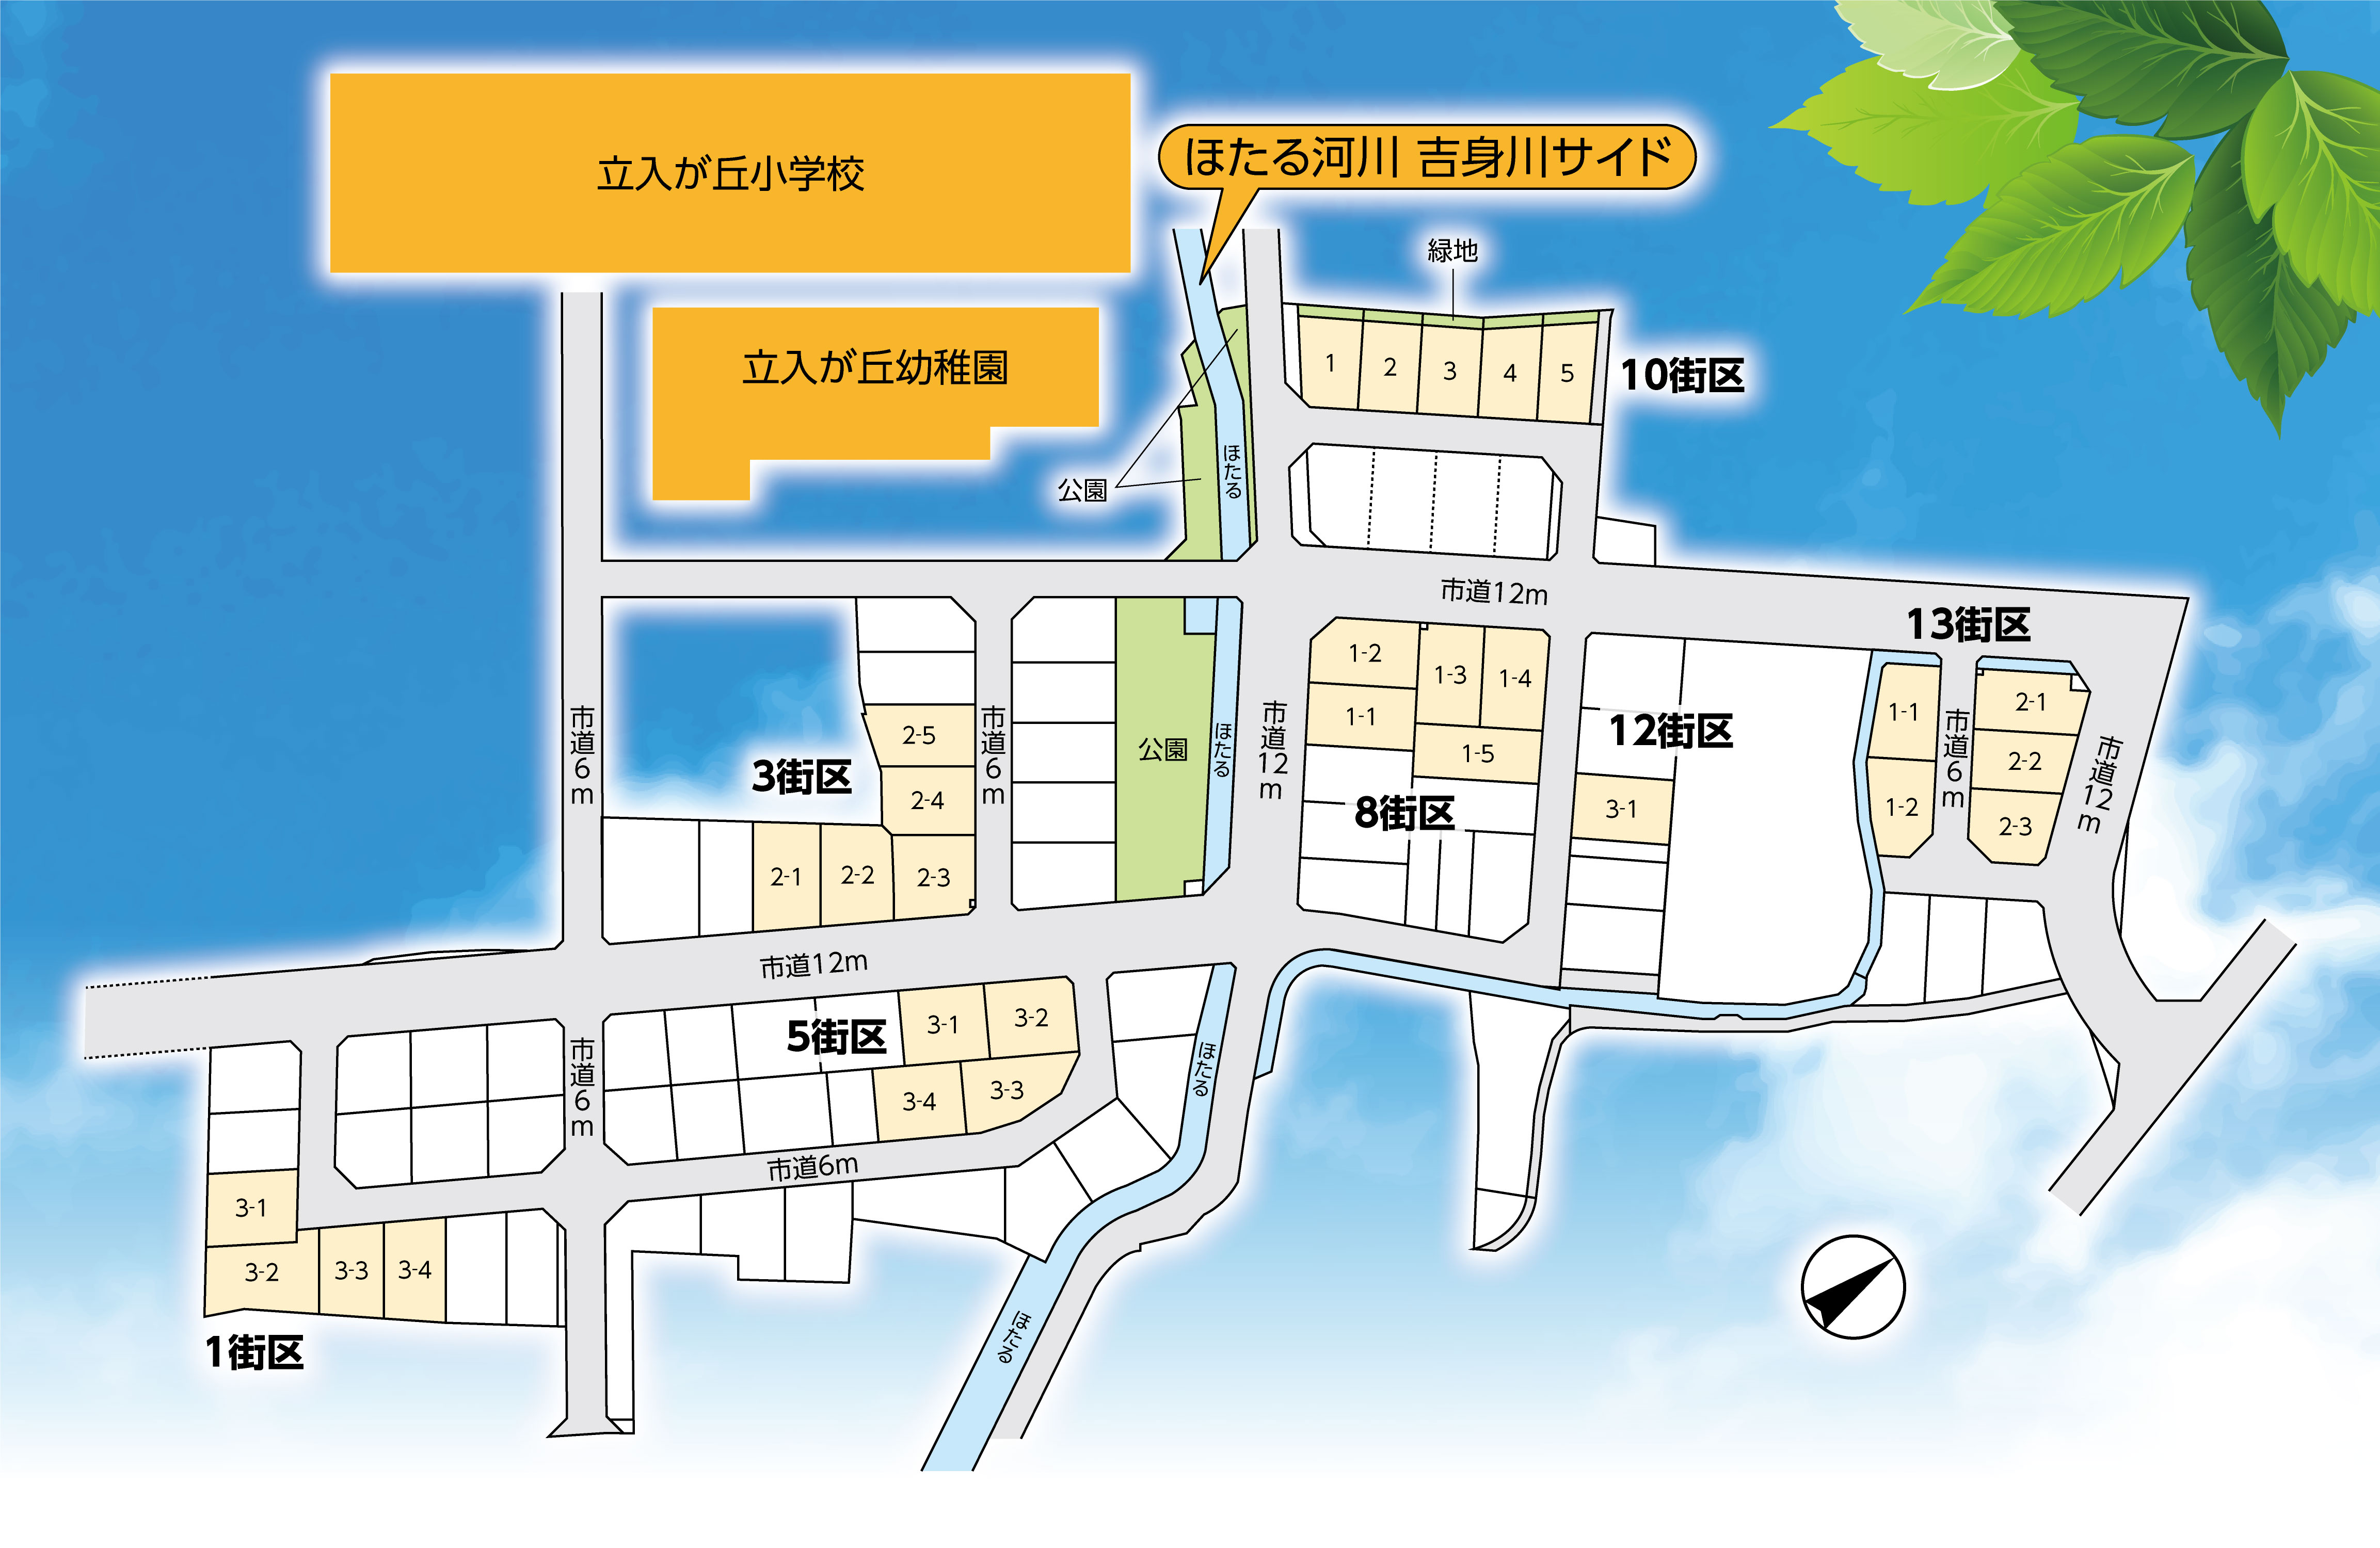 タウン プリム 南草津プリムタウン。商業施設もでき便利な住宅街になりそう。